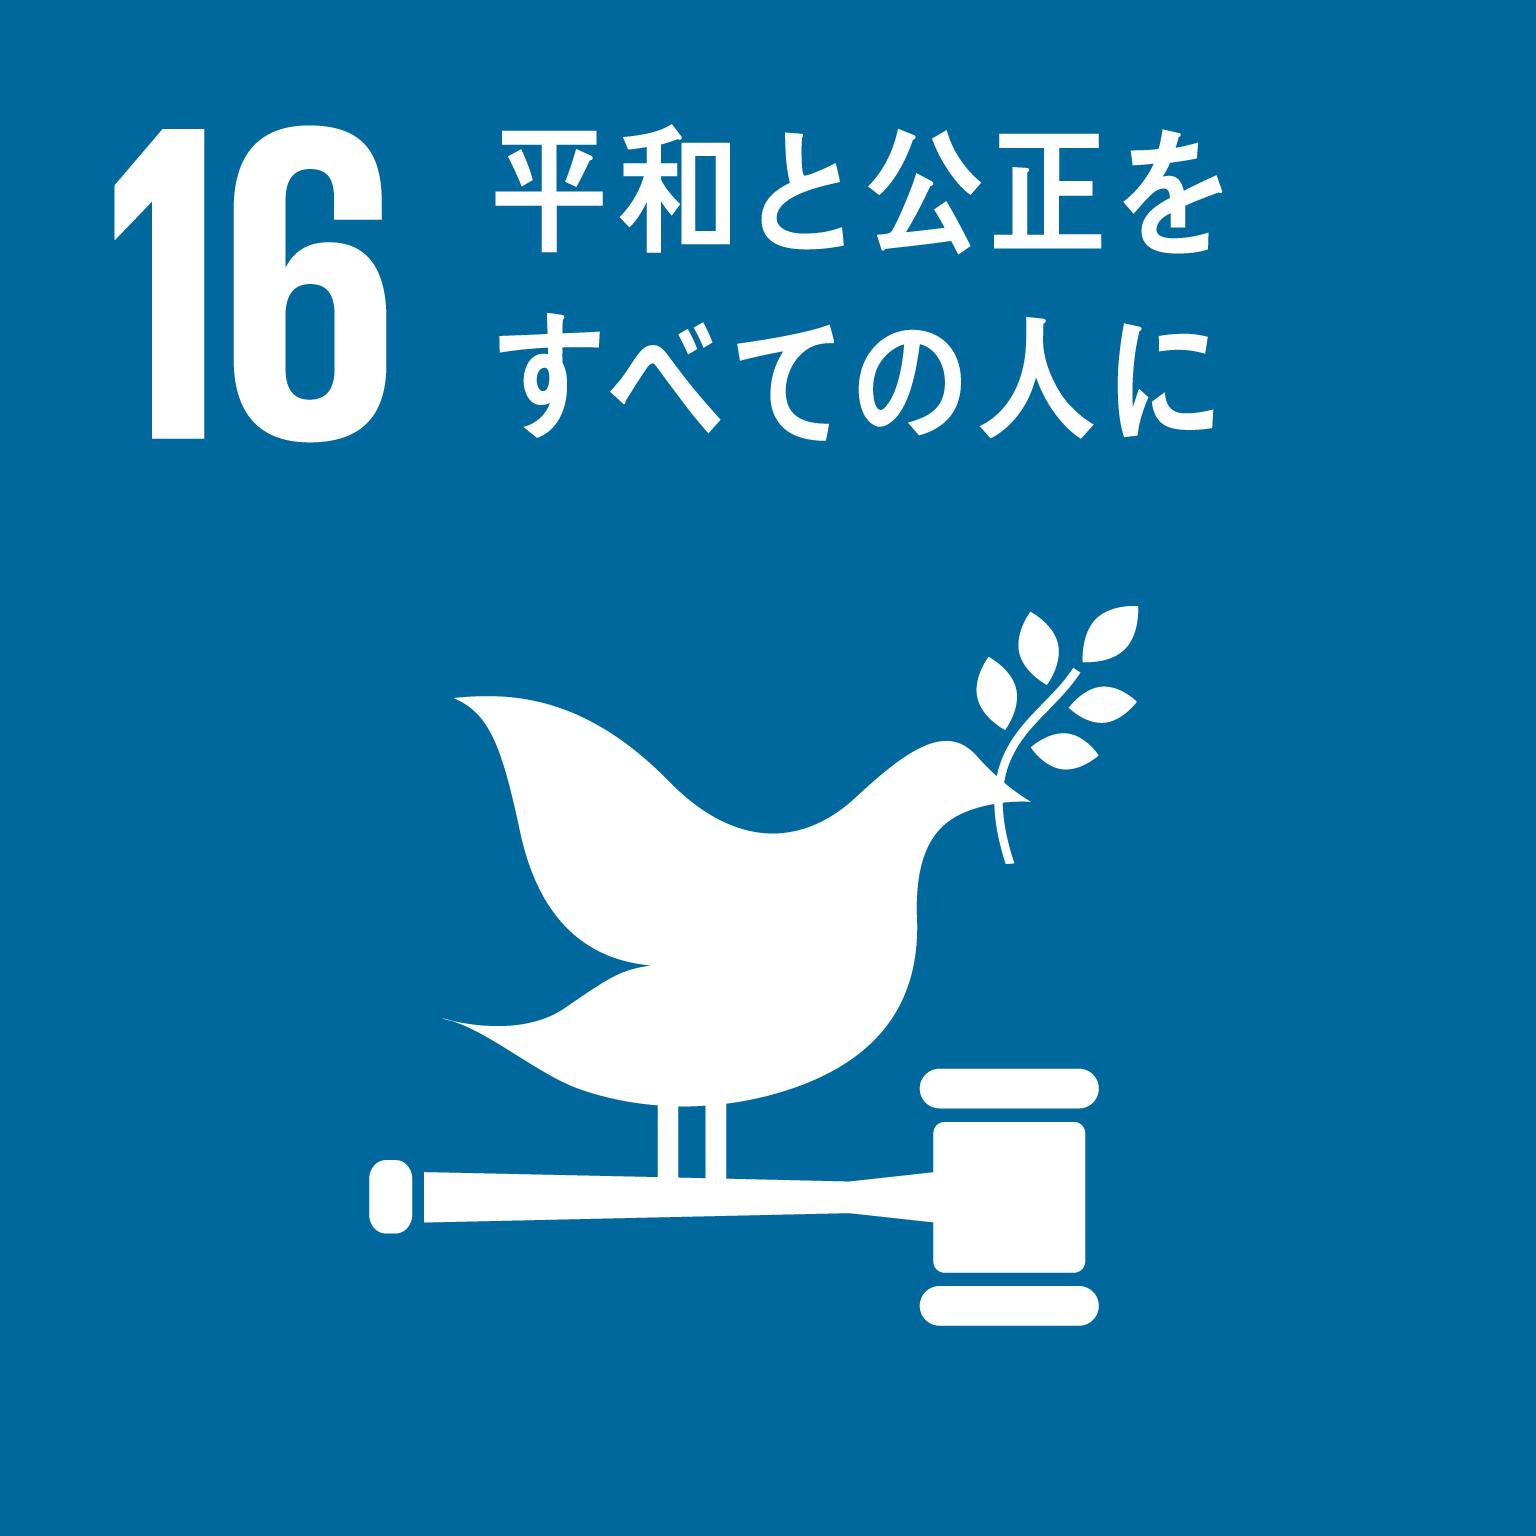 SDGs 社会課題 平和